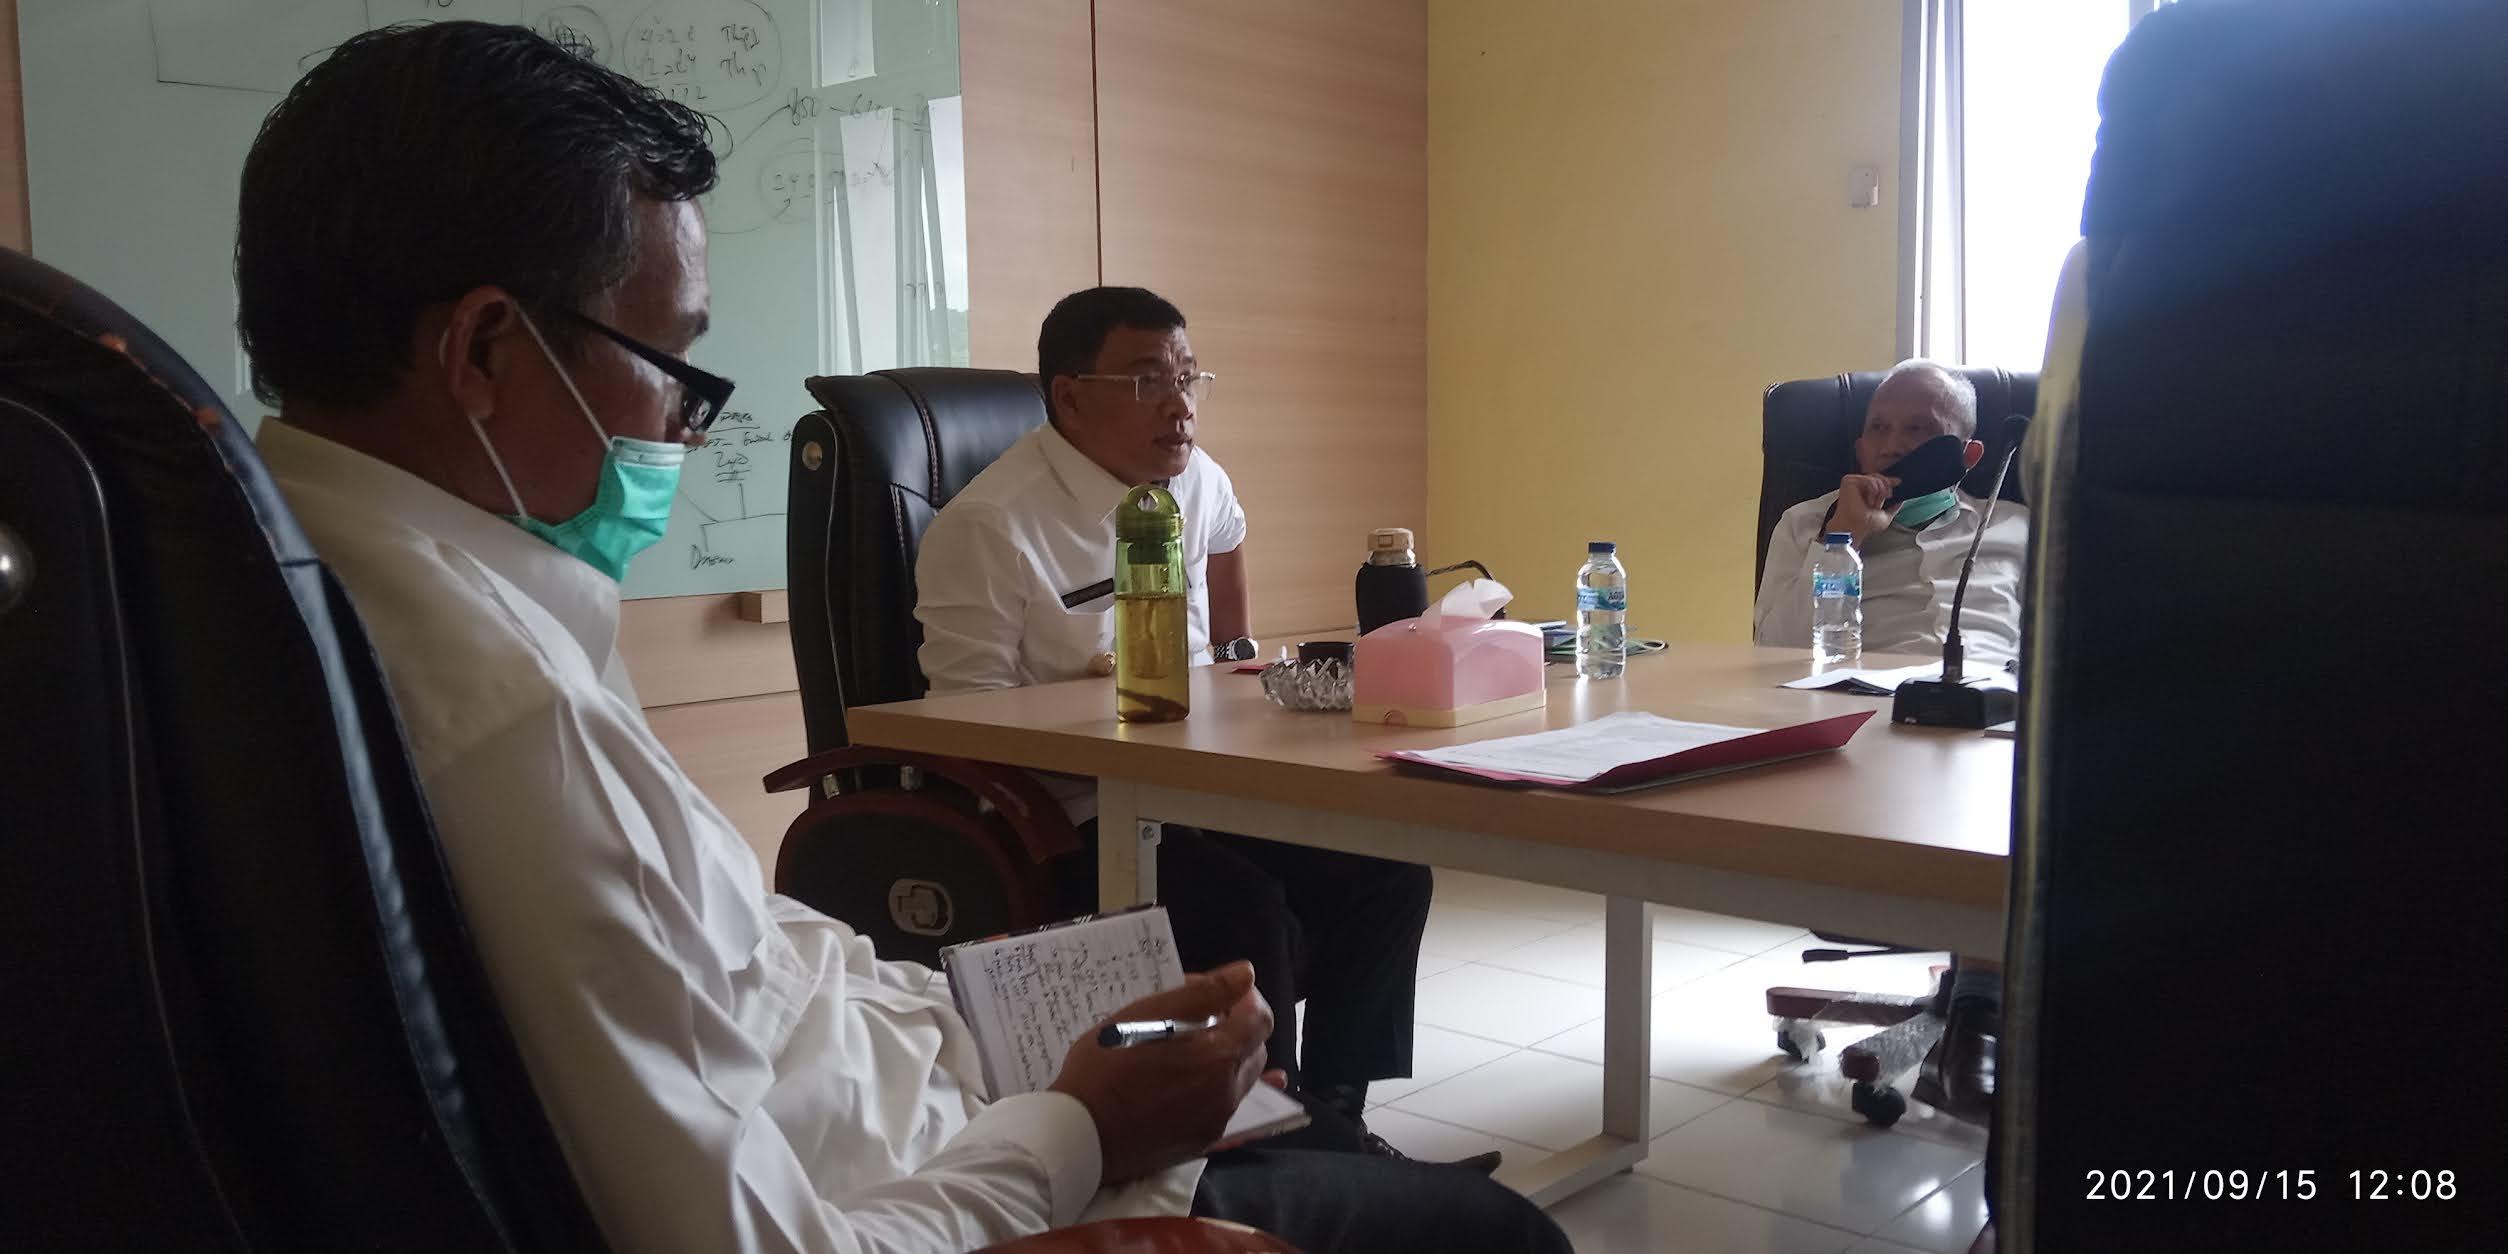 Bupati H. Devi Suhartoni (HDS) saat pimpinan rapat masalah plasma antara warga Desa Bina Karya, dan PT London Sumatera (Lonsum). (Poto/ari)